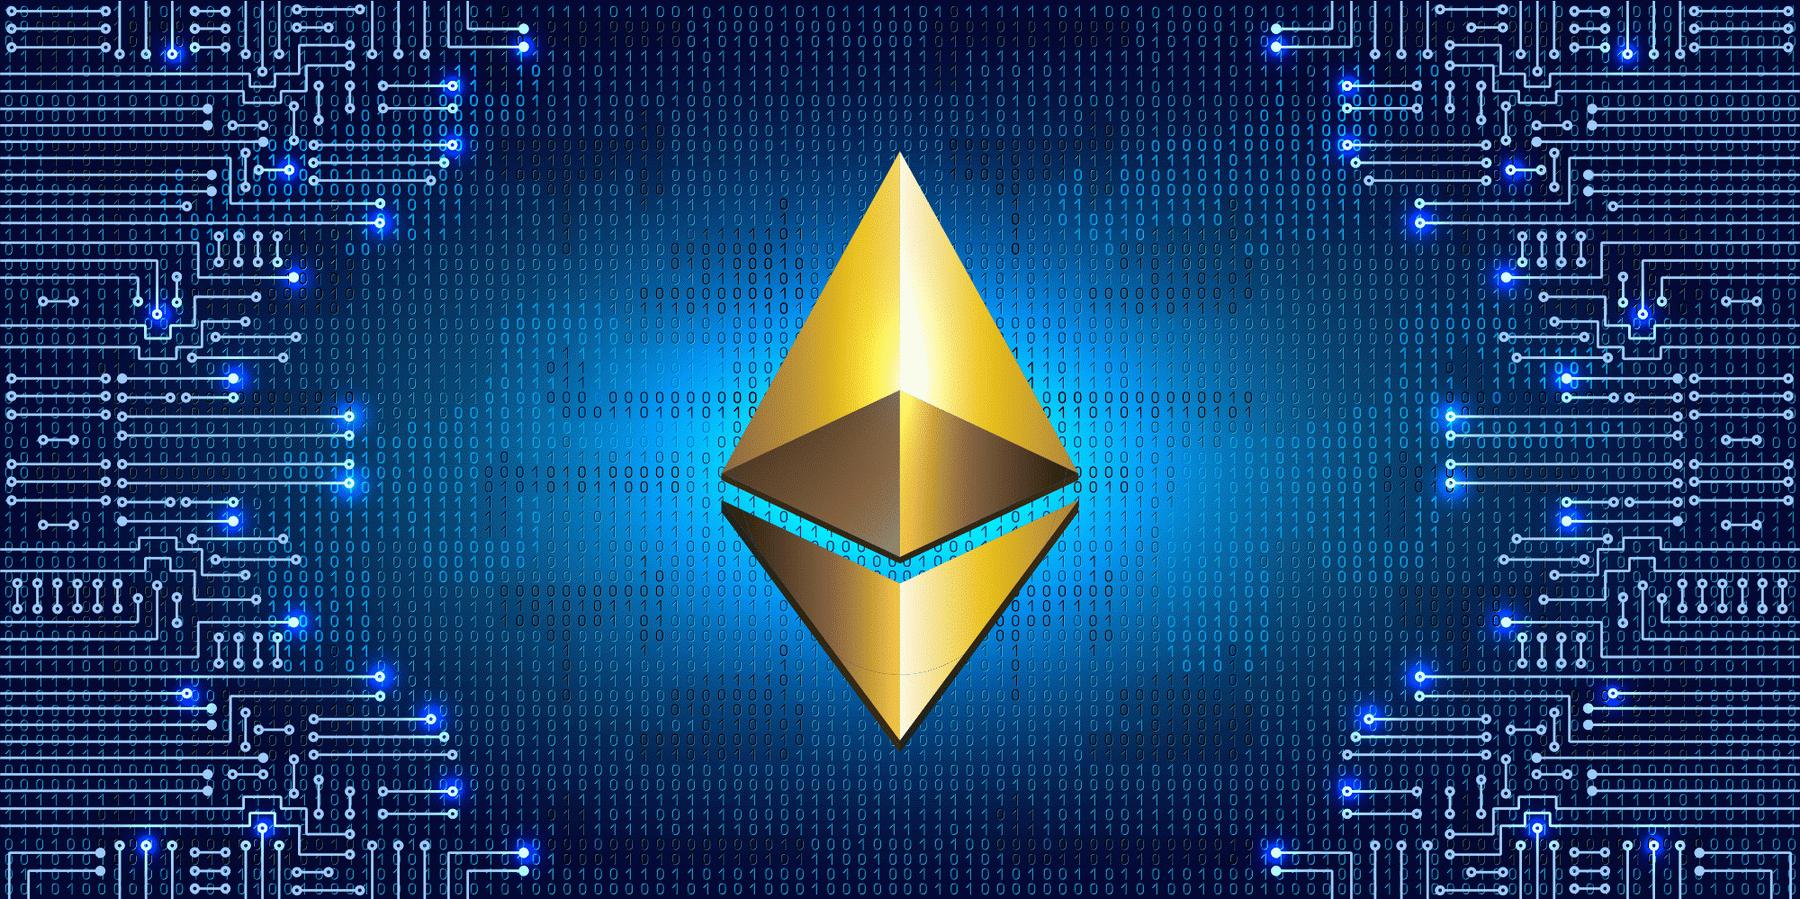 ethereum - Эфир прибавляет в цене на фоне рекордно высокой сетевой активности